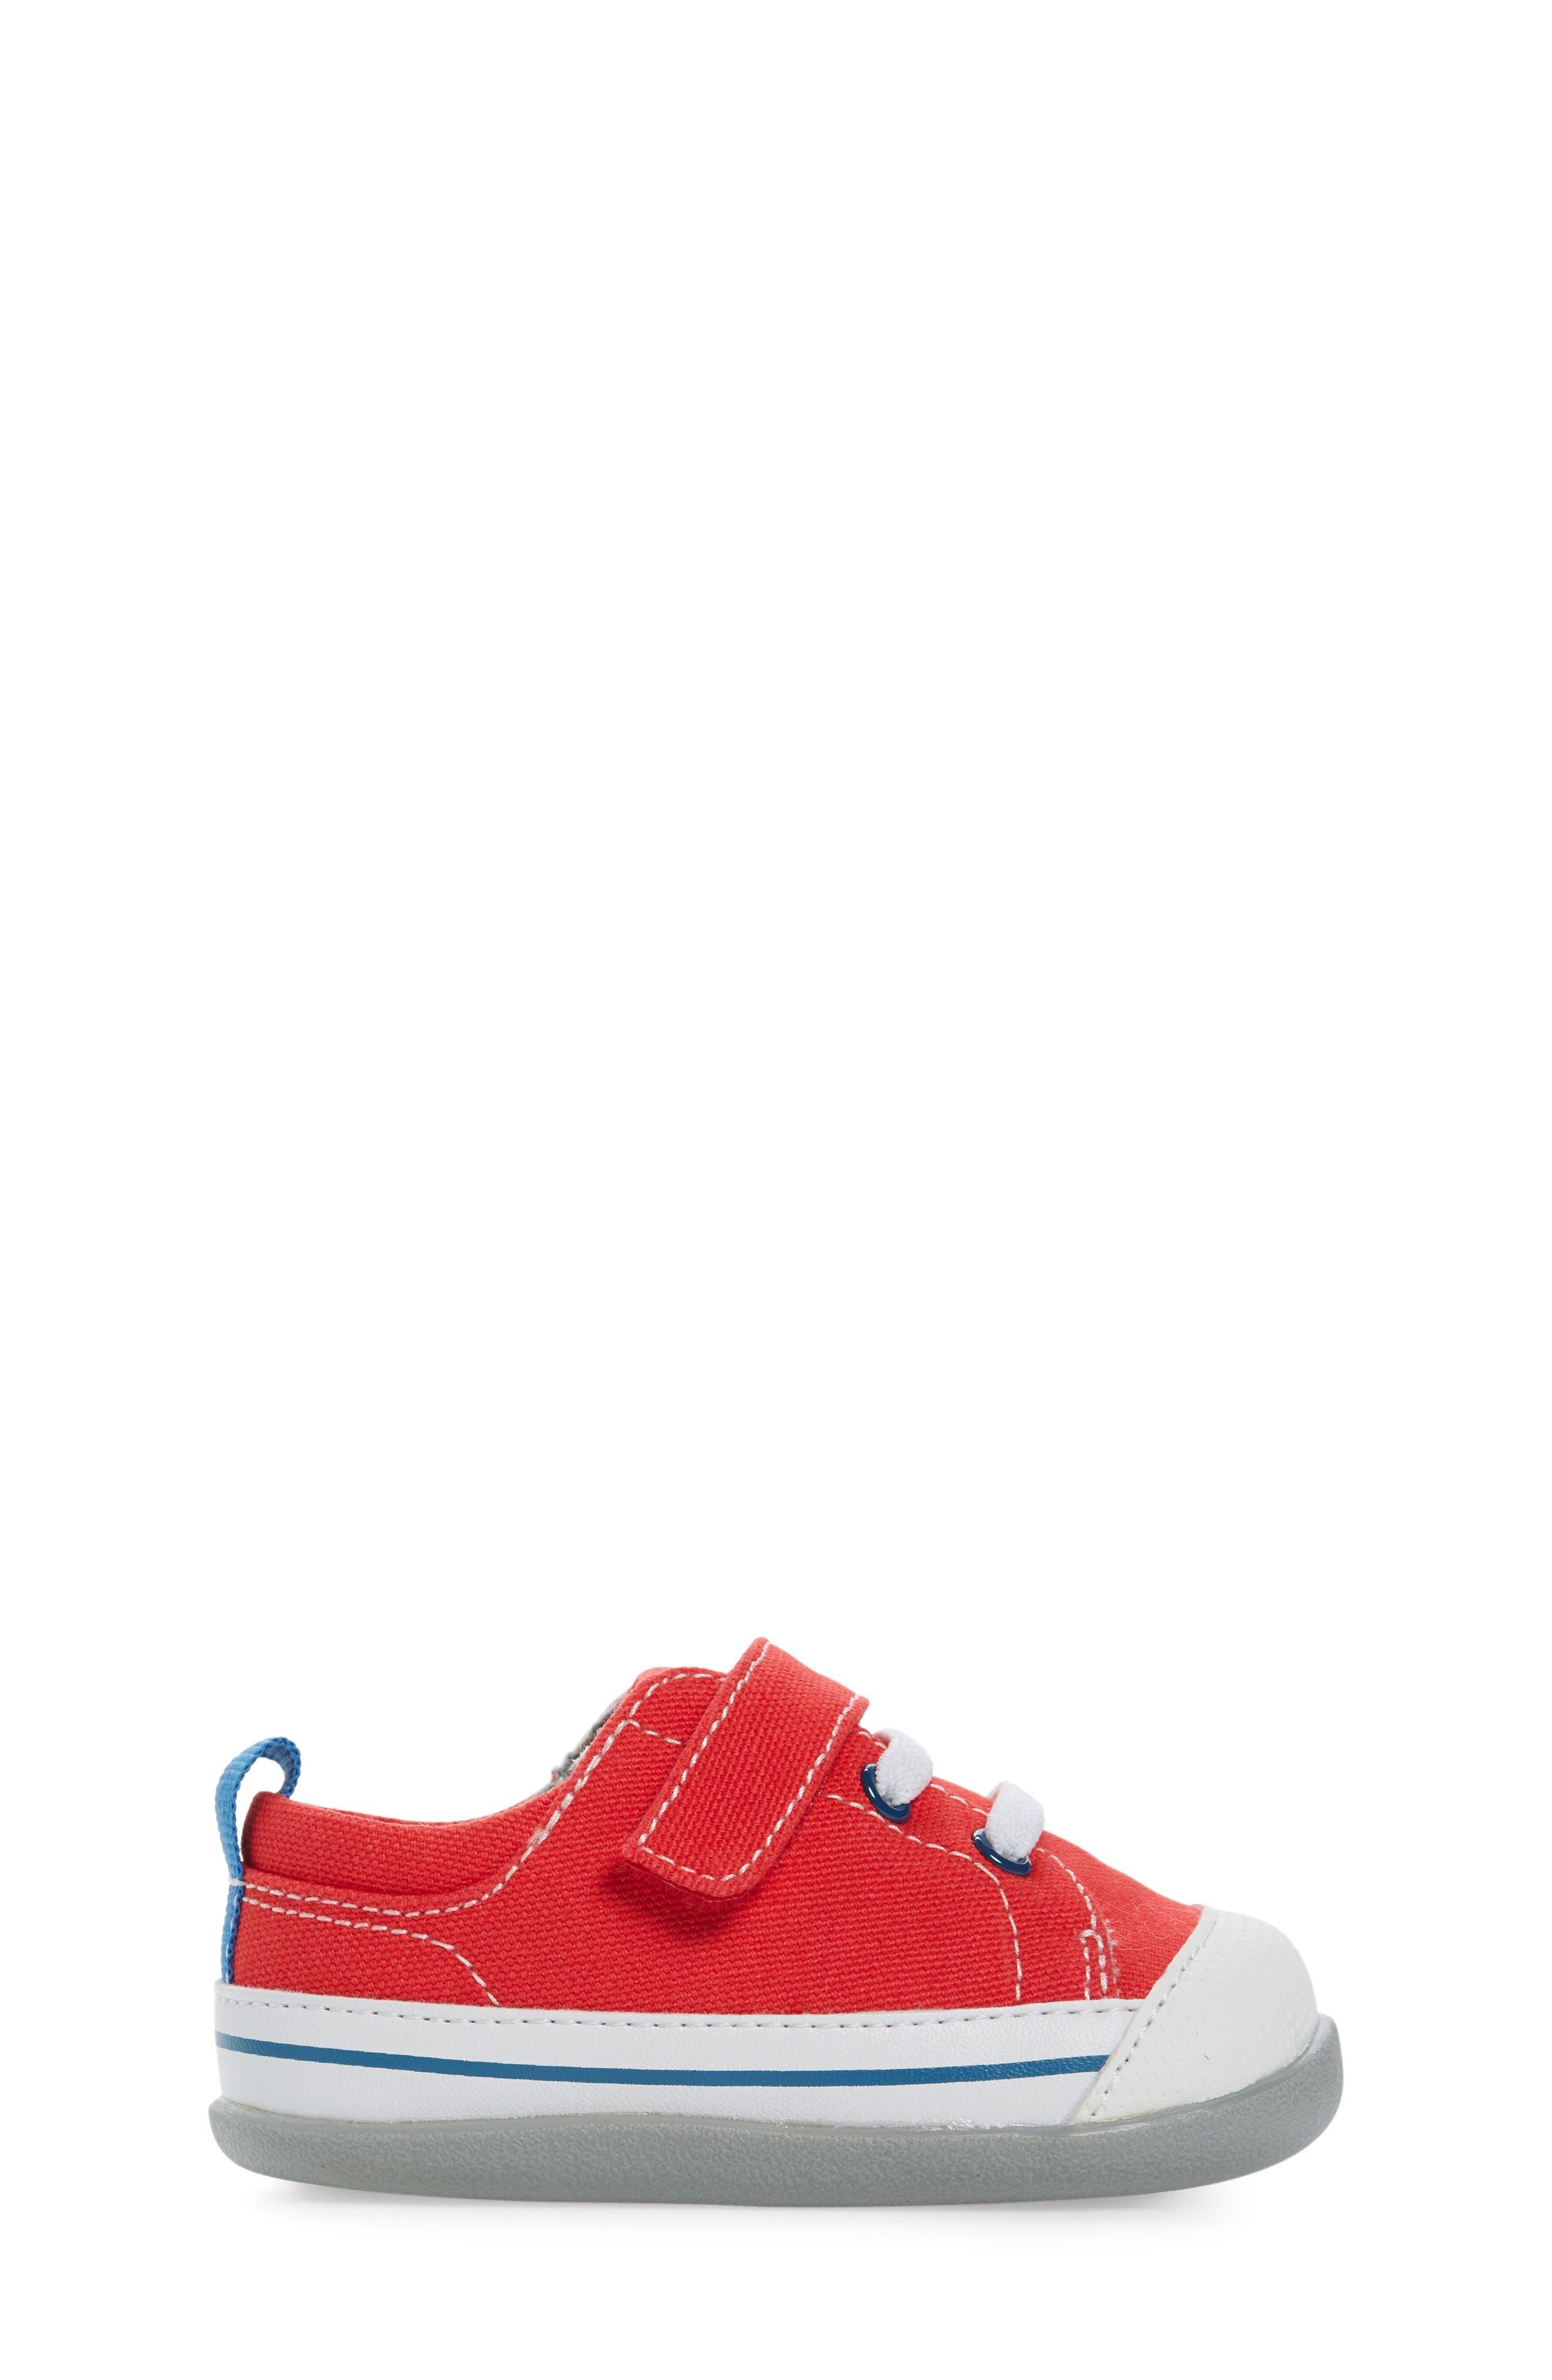 Alternate Image 3  - See Kai Run Stevie II Sneaker (Baby & Walker)